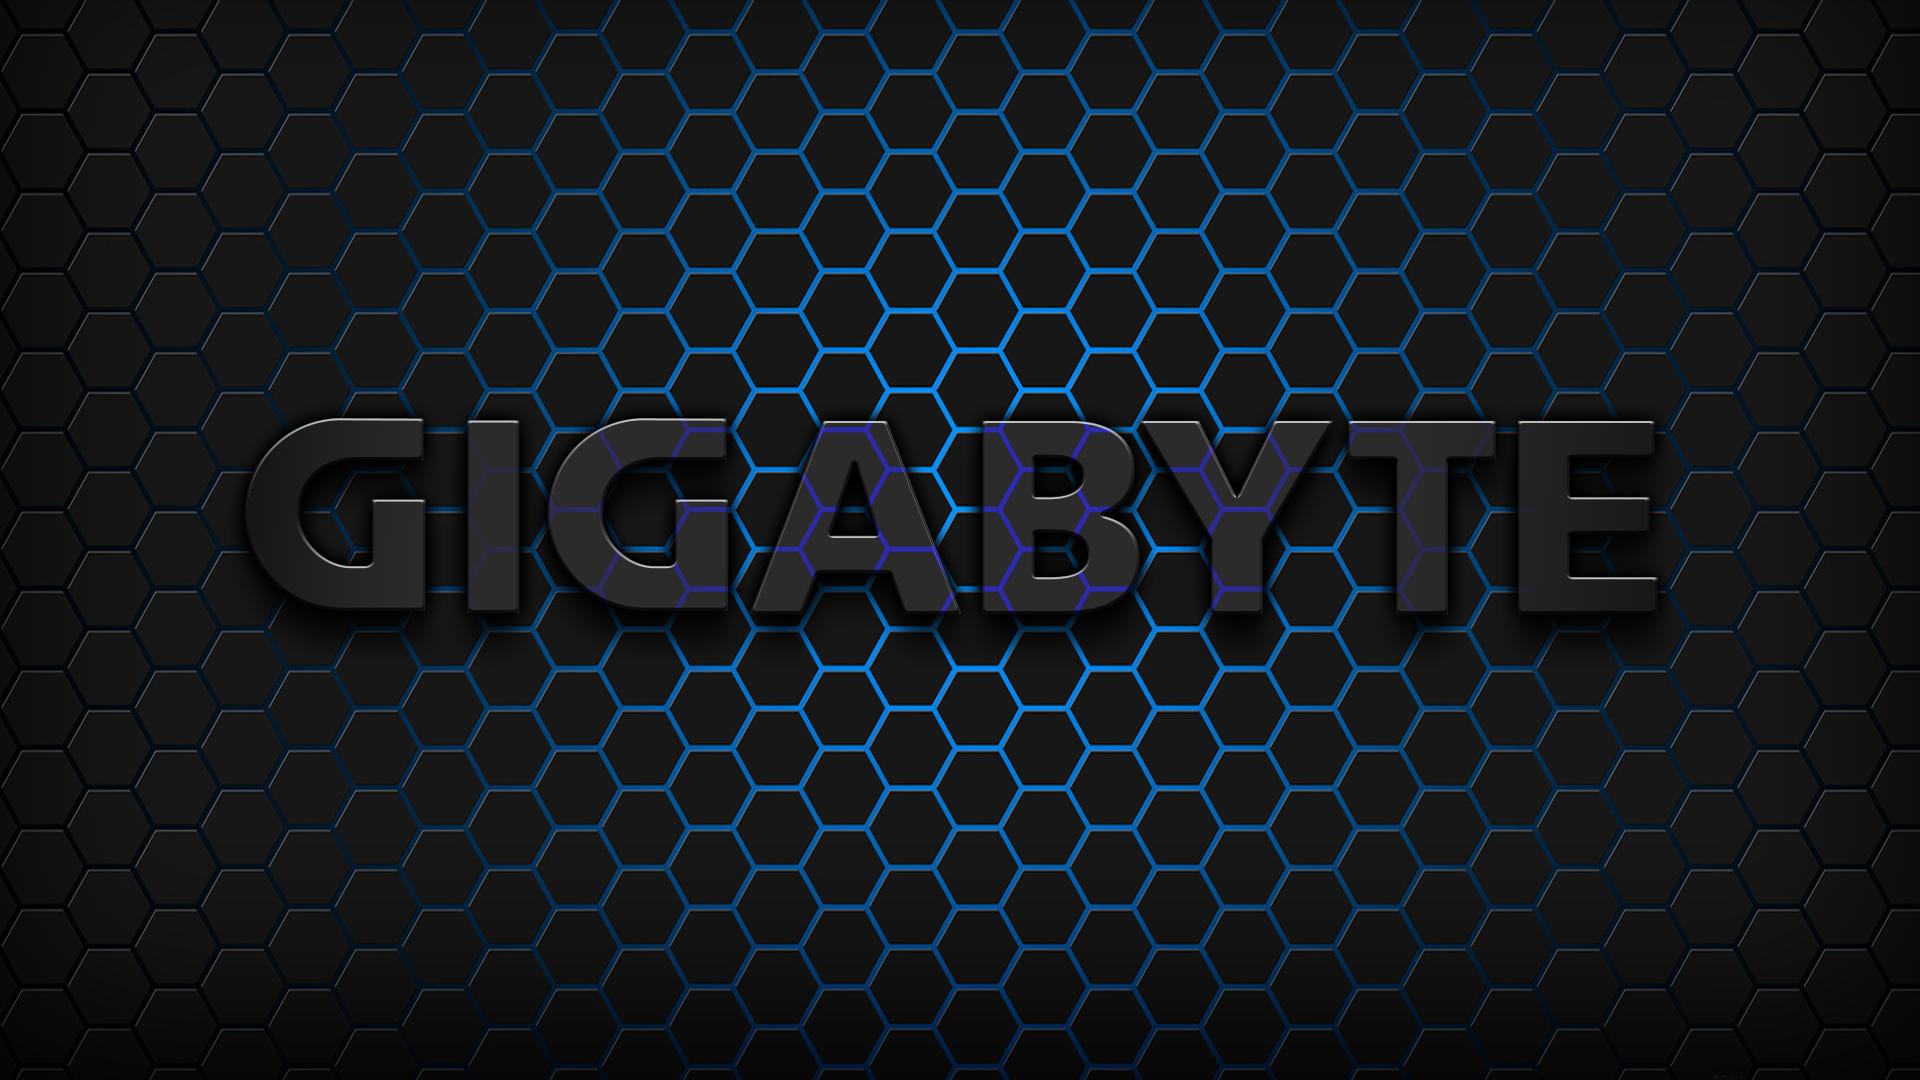 HQ Gigabyte Wallpapers | File 955.4Kb